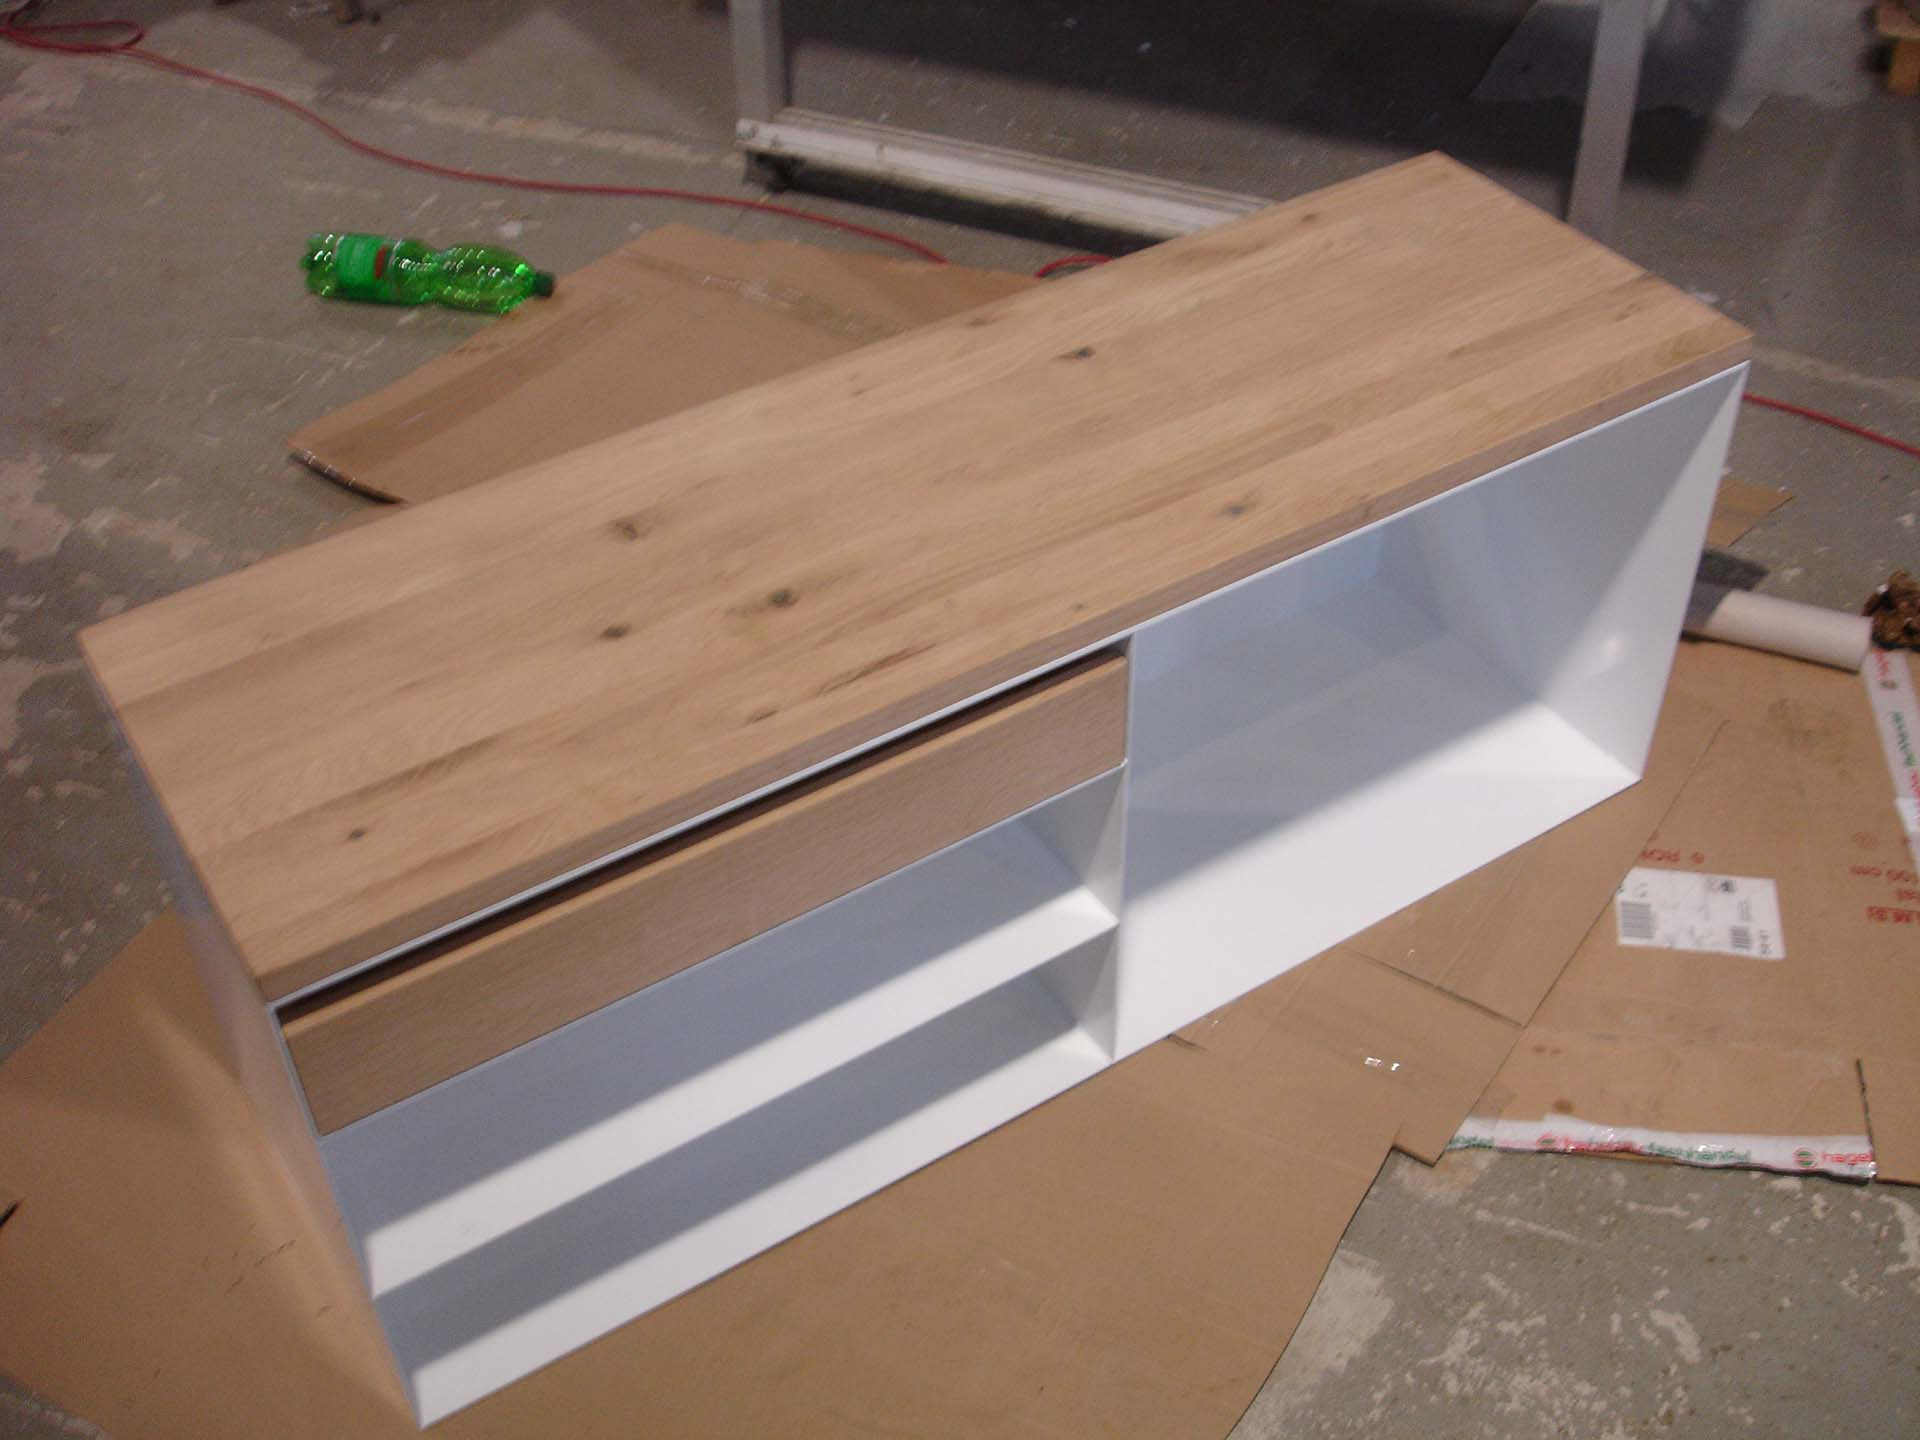 sideboard-sideboards-eiche-nussbaum-buche-holz-schwarz-weiß-hochglanz-ahorn-akazie-design-modern